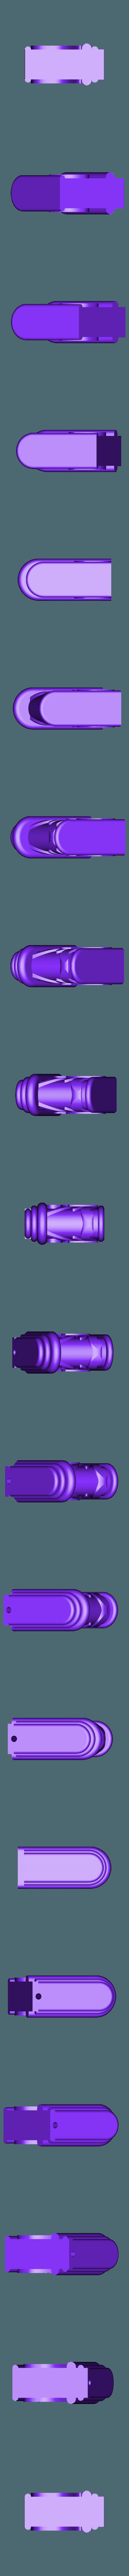 300x300x350 - Gold - Handle Decoration left (Advent Children).stl Download STL file Final Fantasy VII - Buster Sword - Bracelet - Shoulder pad  • 3D print model, 3Dutchie